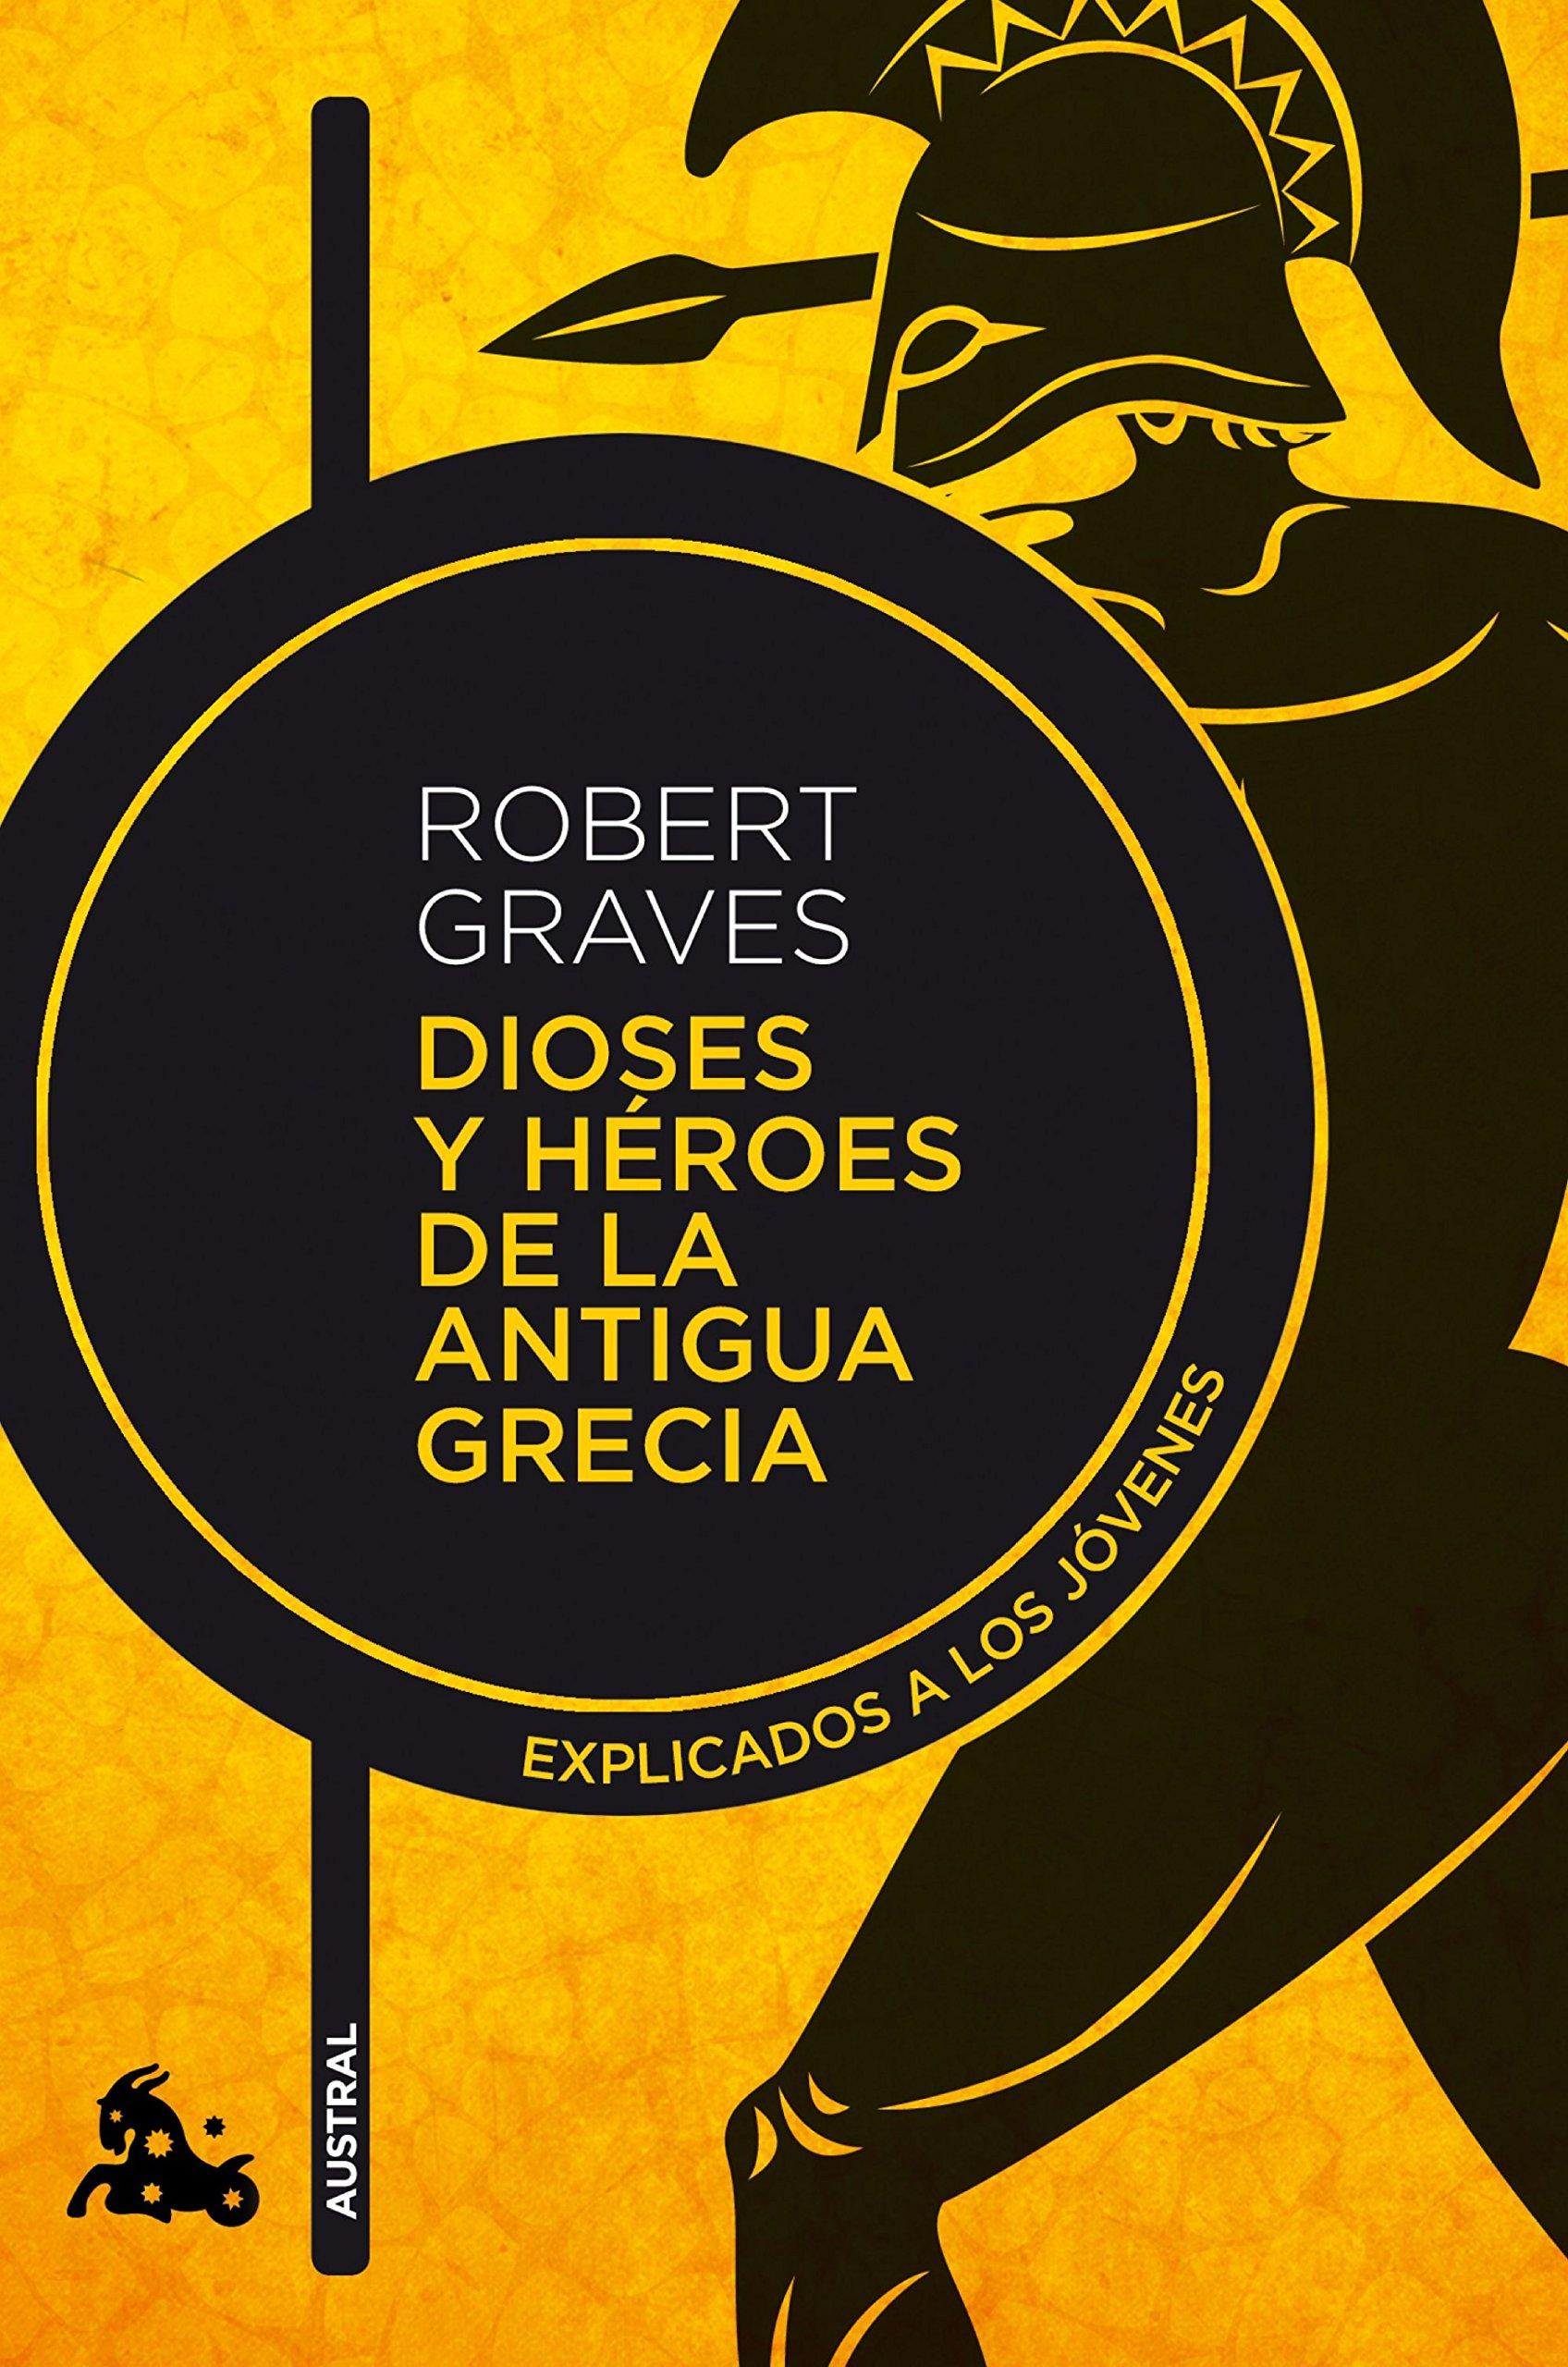 Dioses y héroes de la antigua Grecia: Explicados a los jóvenes (Contemporánea) Tapa blanda – 5 may 2015 Robert Graves Lucía Graves Austral 8490660840